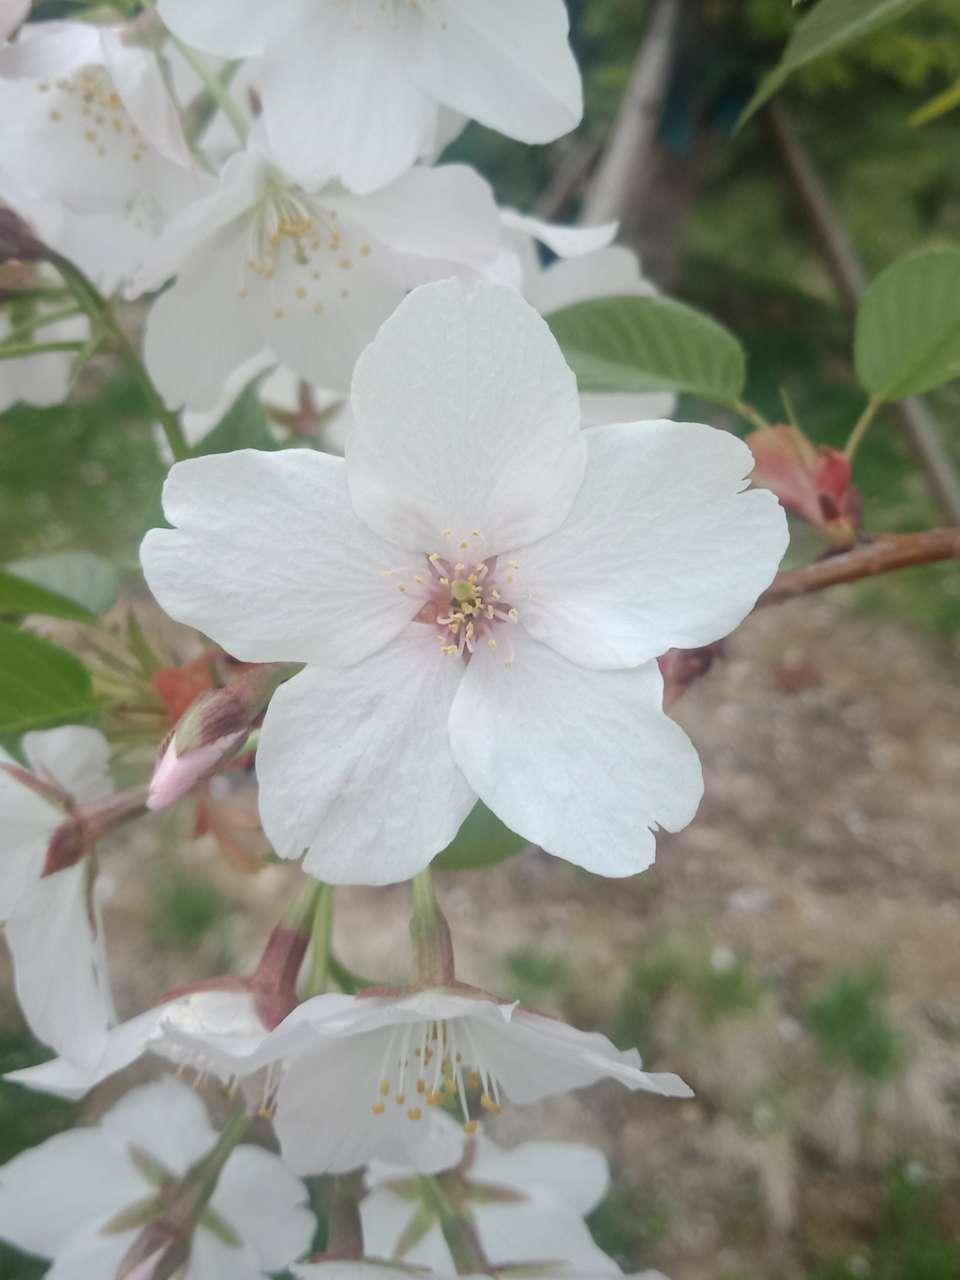 狼毒花,荠菜花,紫荆花,春天处处都好看-1.jpg